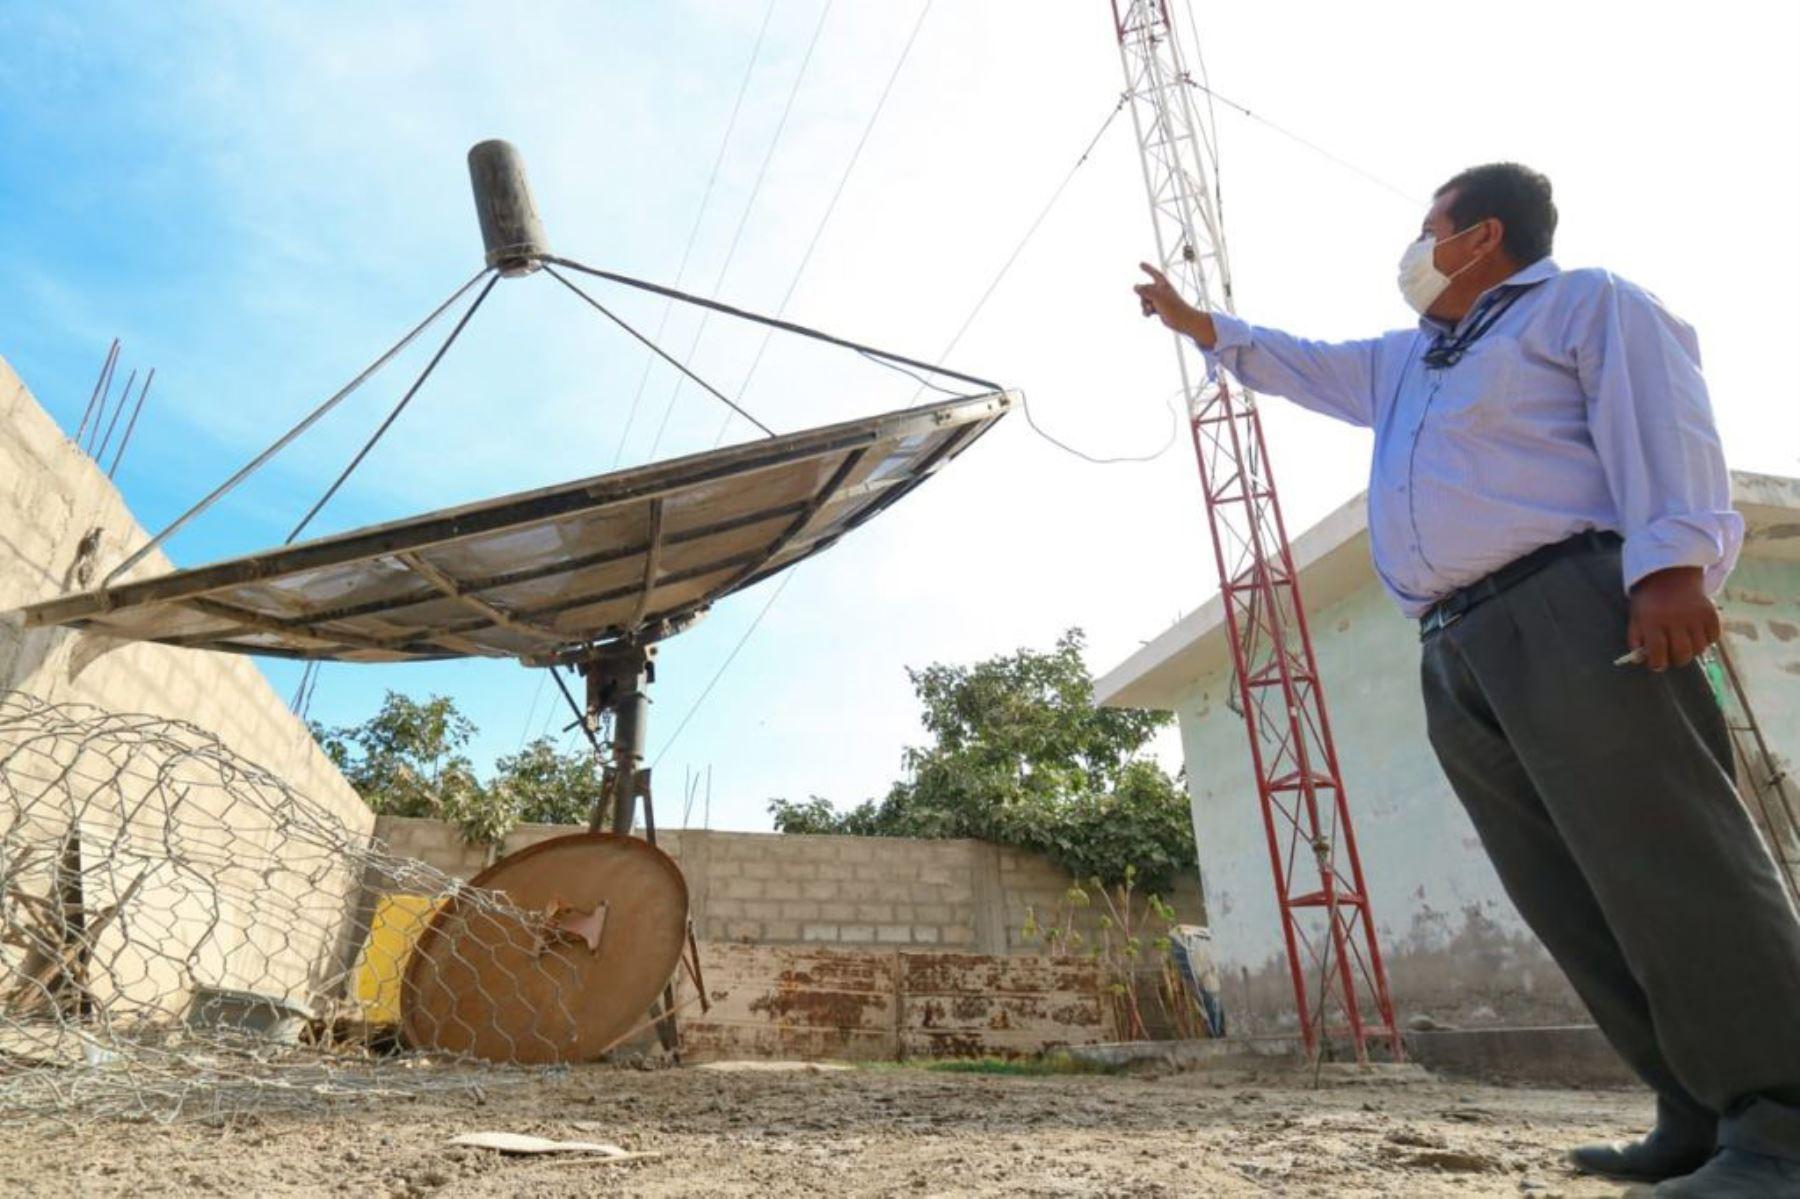 Equipos técnicos harán mantenimiento de antenas de radio y televisión en Arequipa. Foto: ANDINA/Difusión